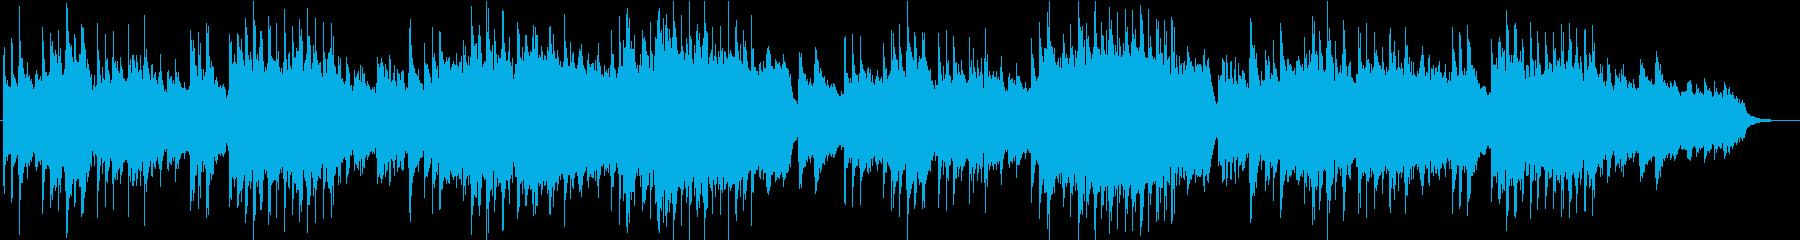 童謡 赤とんぼ オルゴールオーケストラ の再生済みの波形